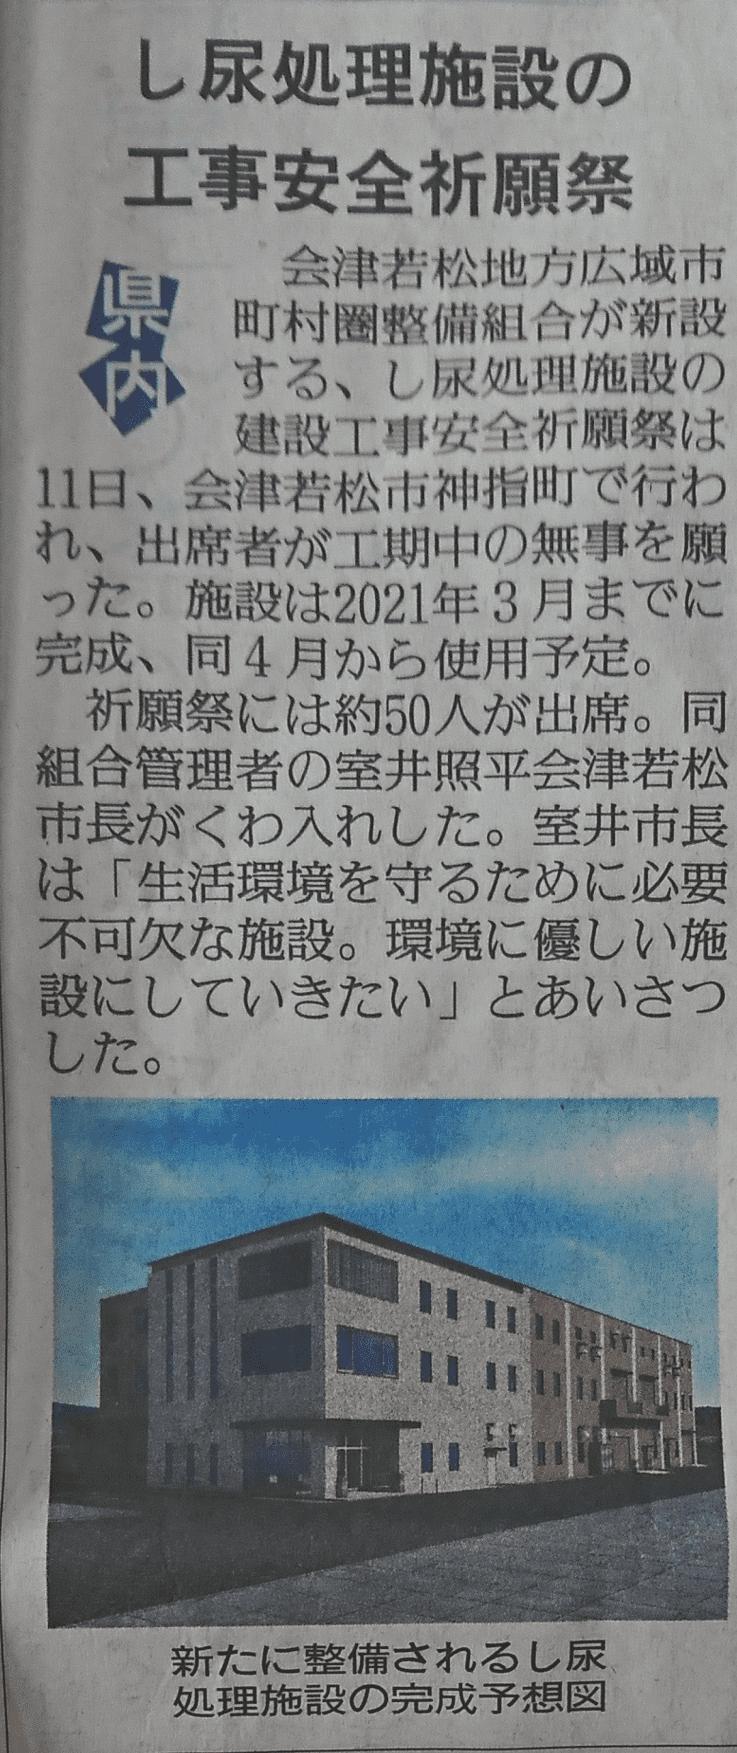 http://kyoritsu-doken.jp/files/libs/1301/20190412134944878.png